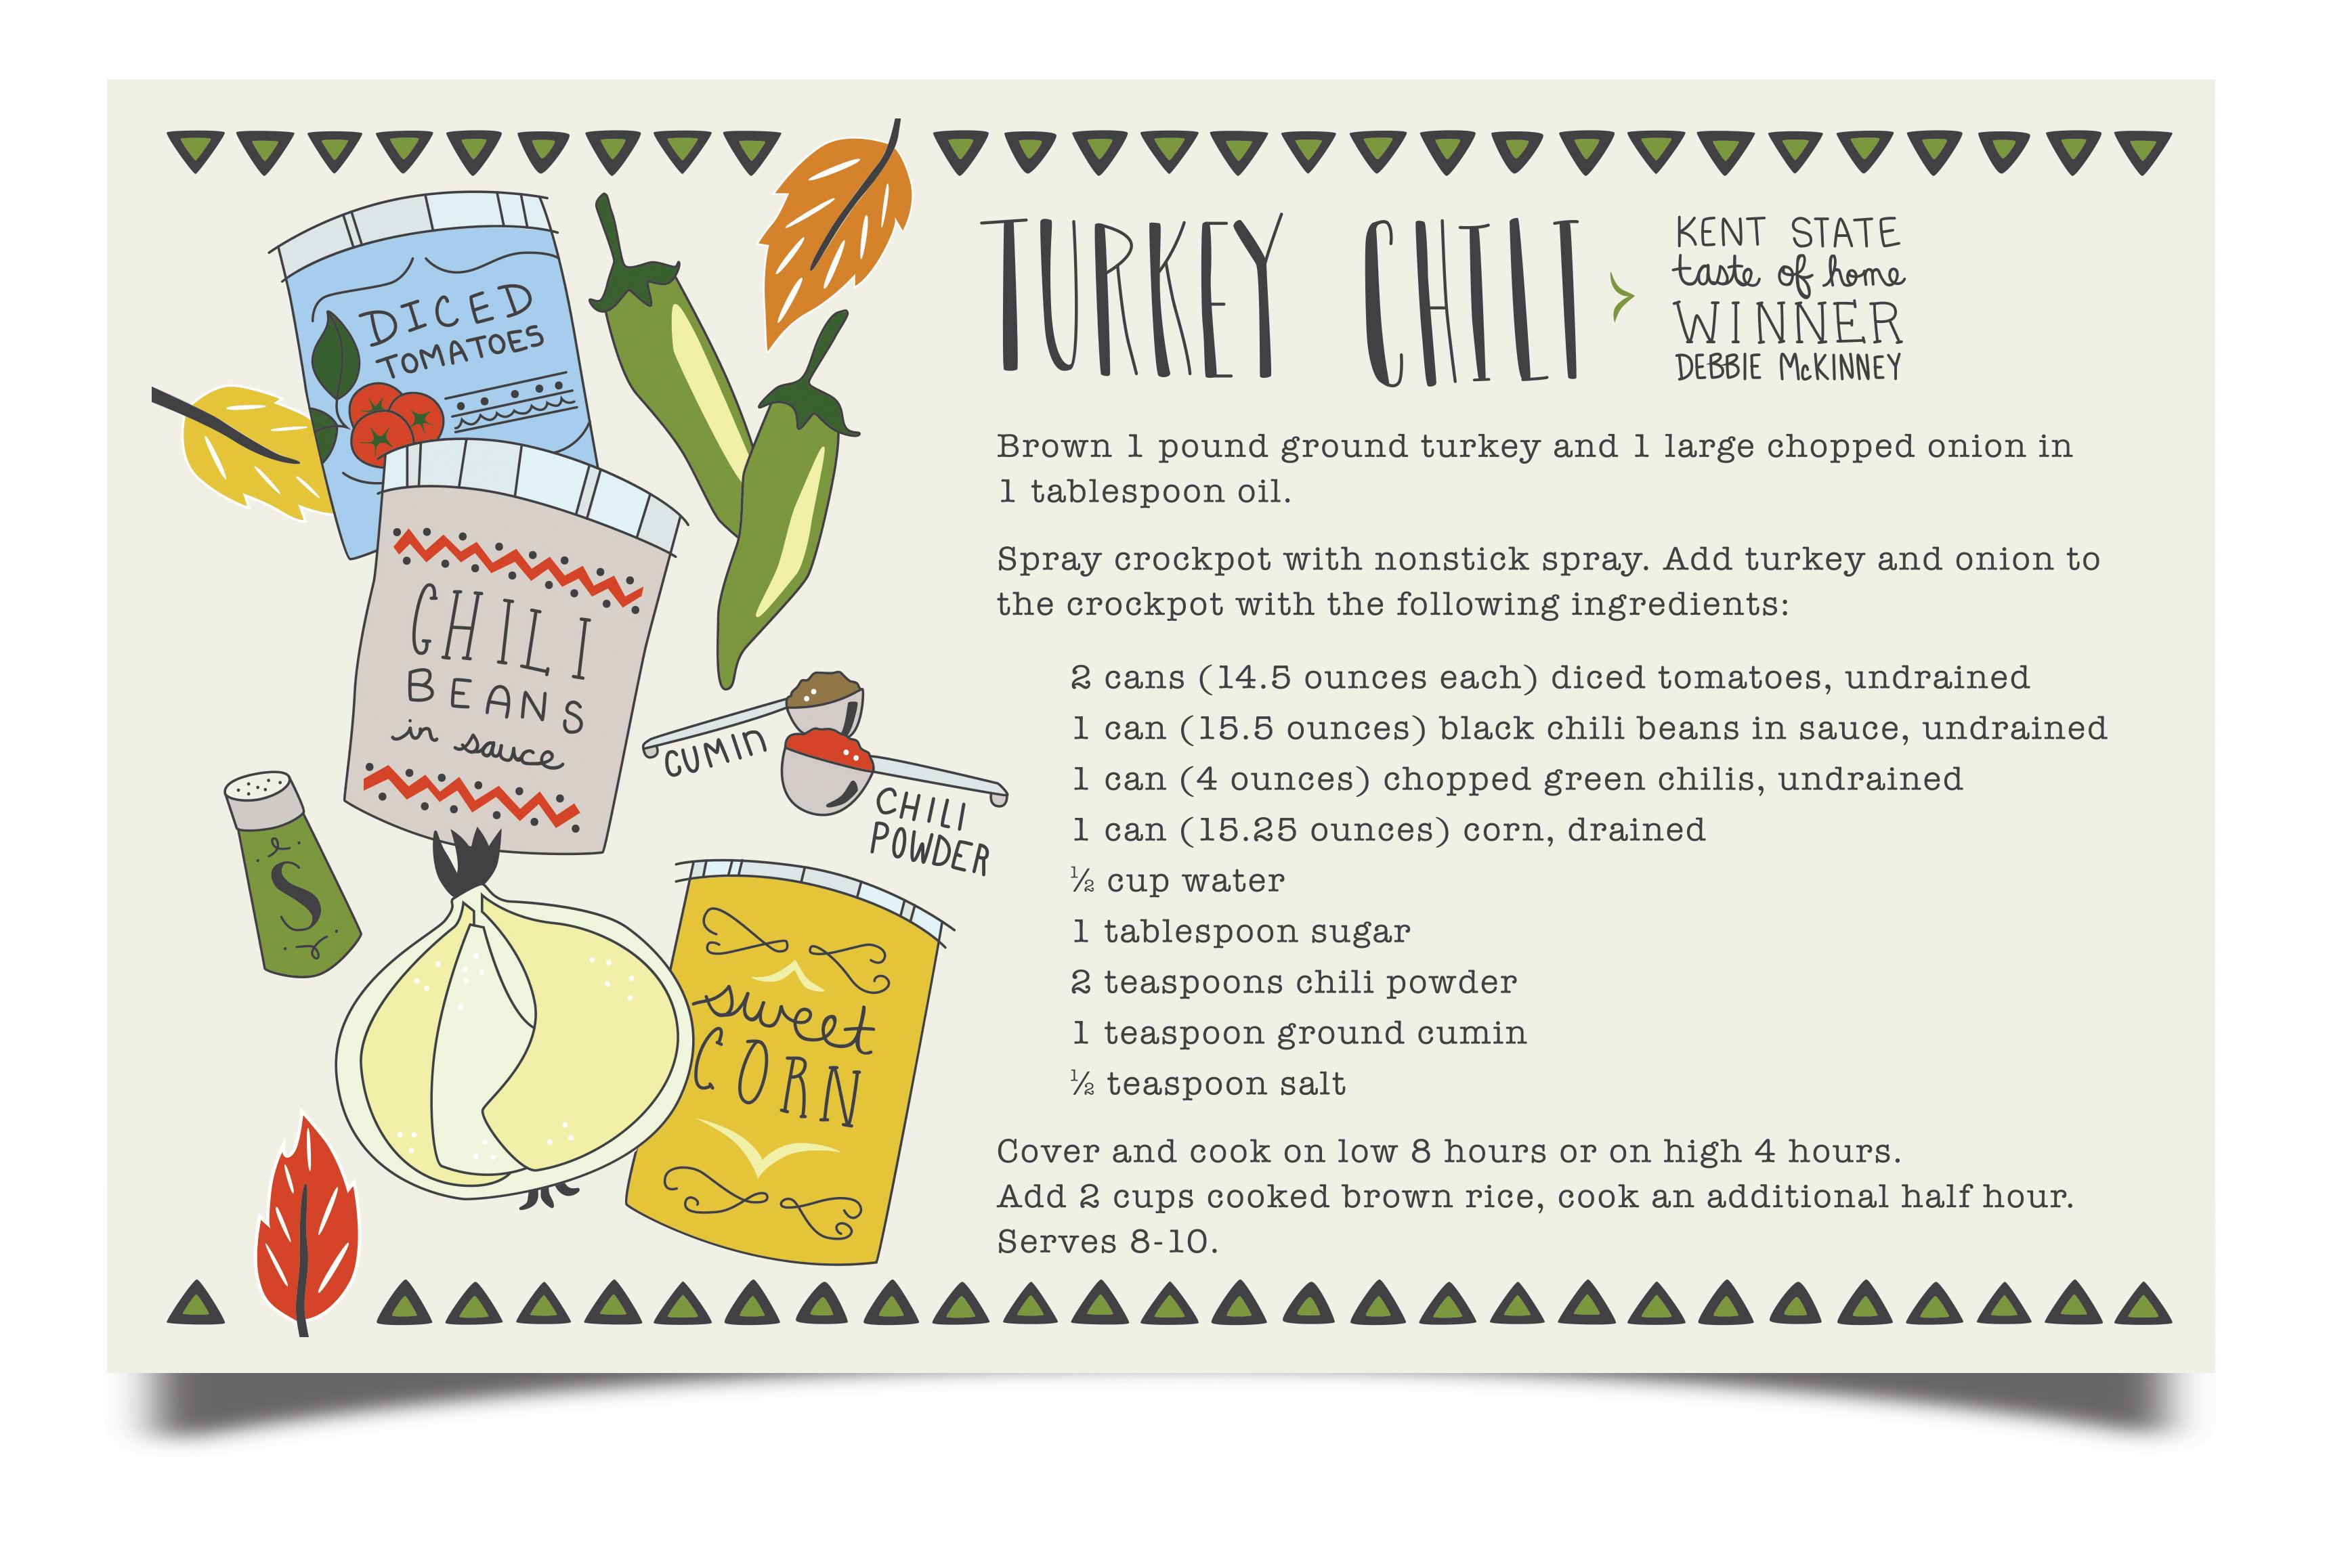 Turkey Chili Recipe card illustrated by Susan Hazel Rich